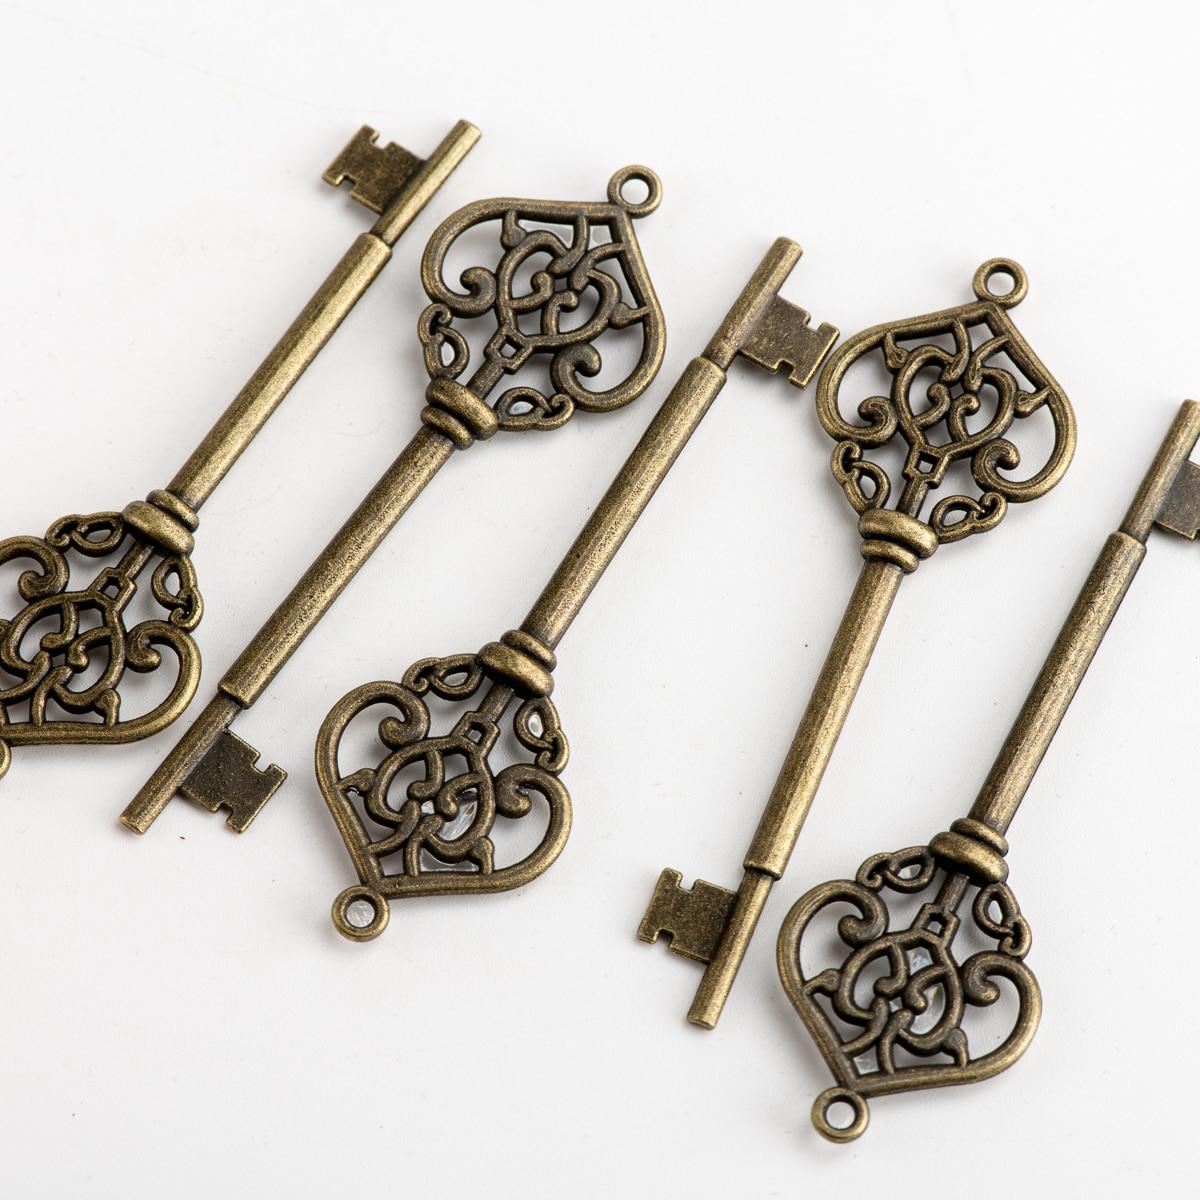 Key Shape DIY Alloy Pendant Jewelry Findings Charms Jewelry Findings & Components For Jewelry Making #JY202